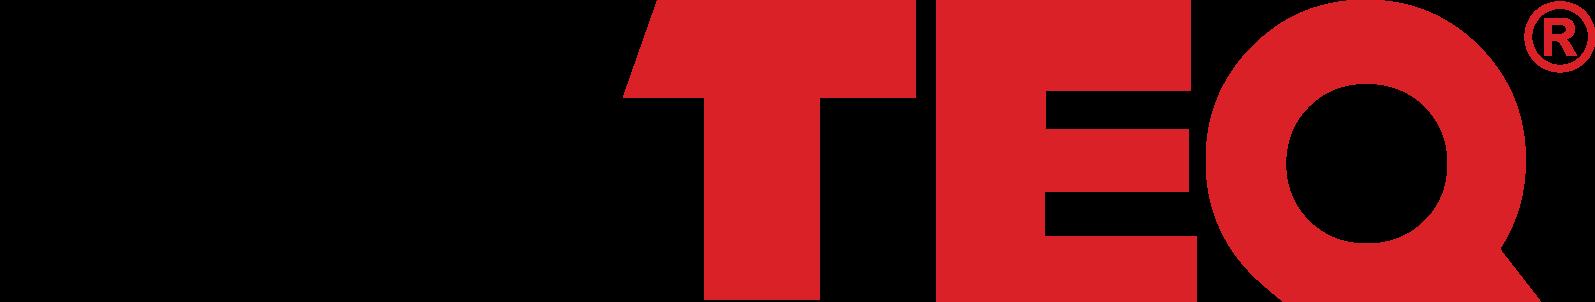 avteq-logo